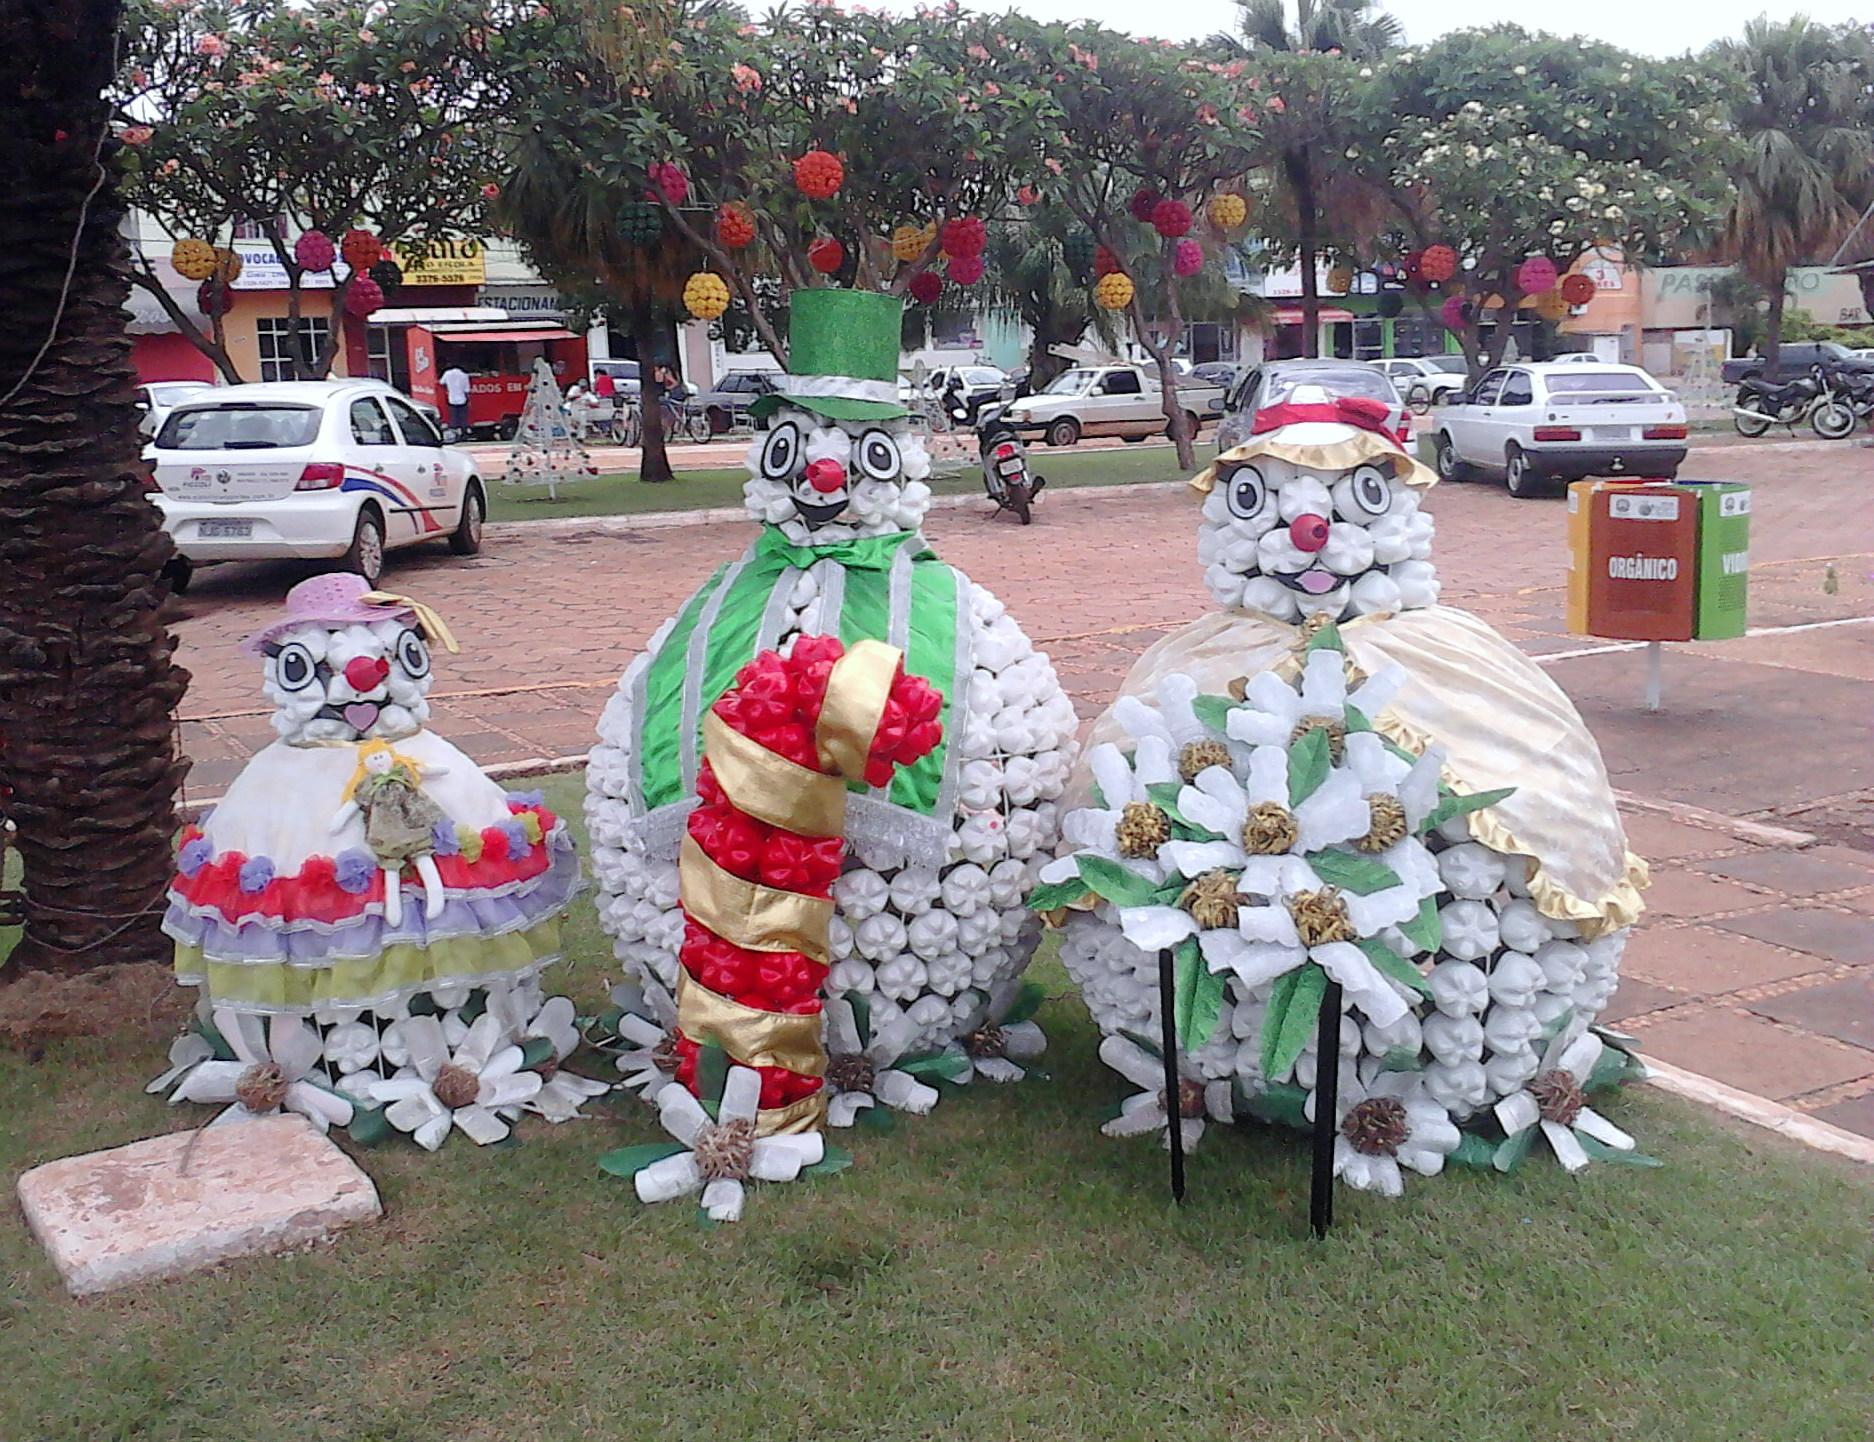 decoracao festa natalina : decoracao festa natalina:Ficheiro:Decoração Natalina em Tangará da Serra.jpg – Wikipédia